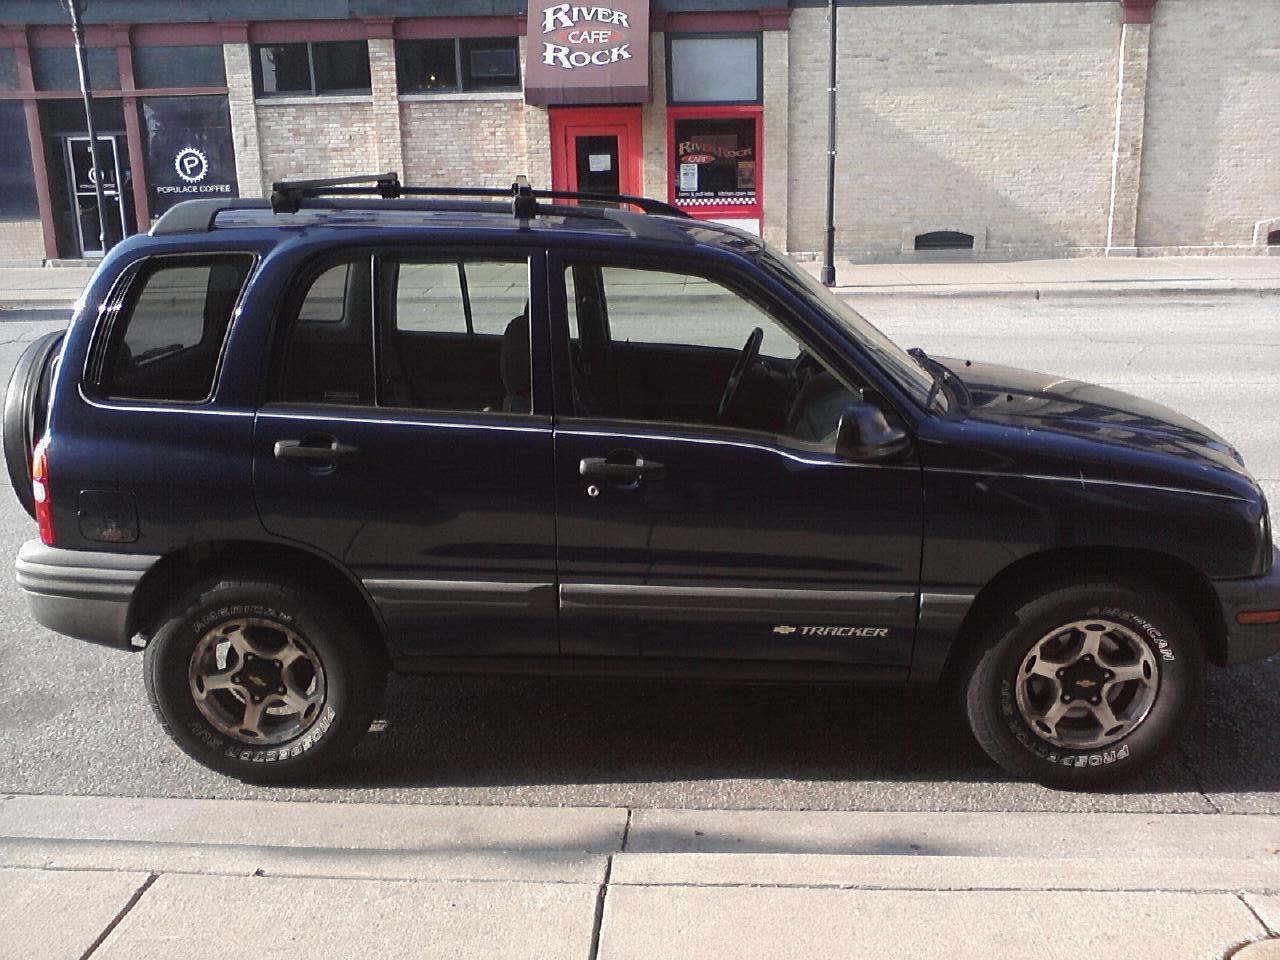 Chevrolet Tracker Base Wd Pic on 2001 Chevrolet Malibu Base